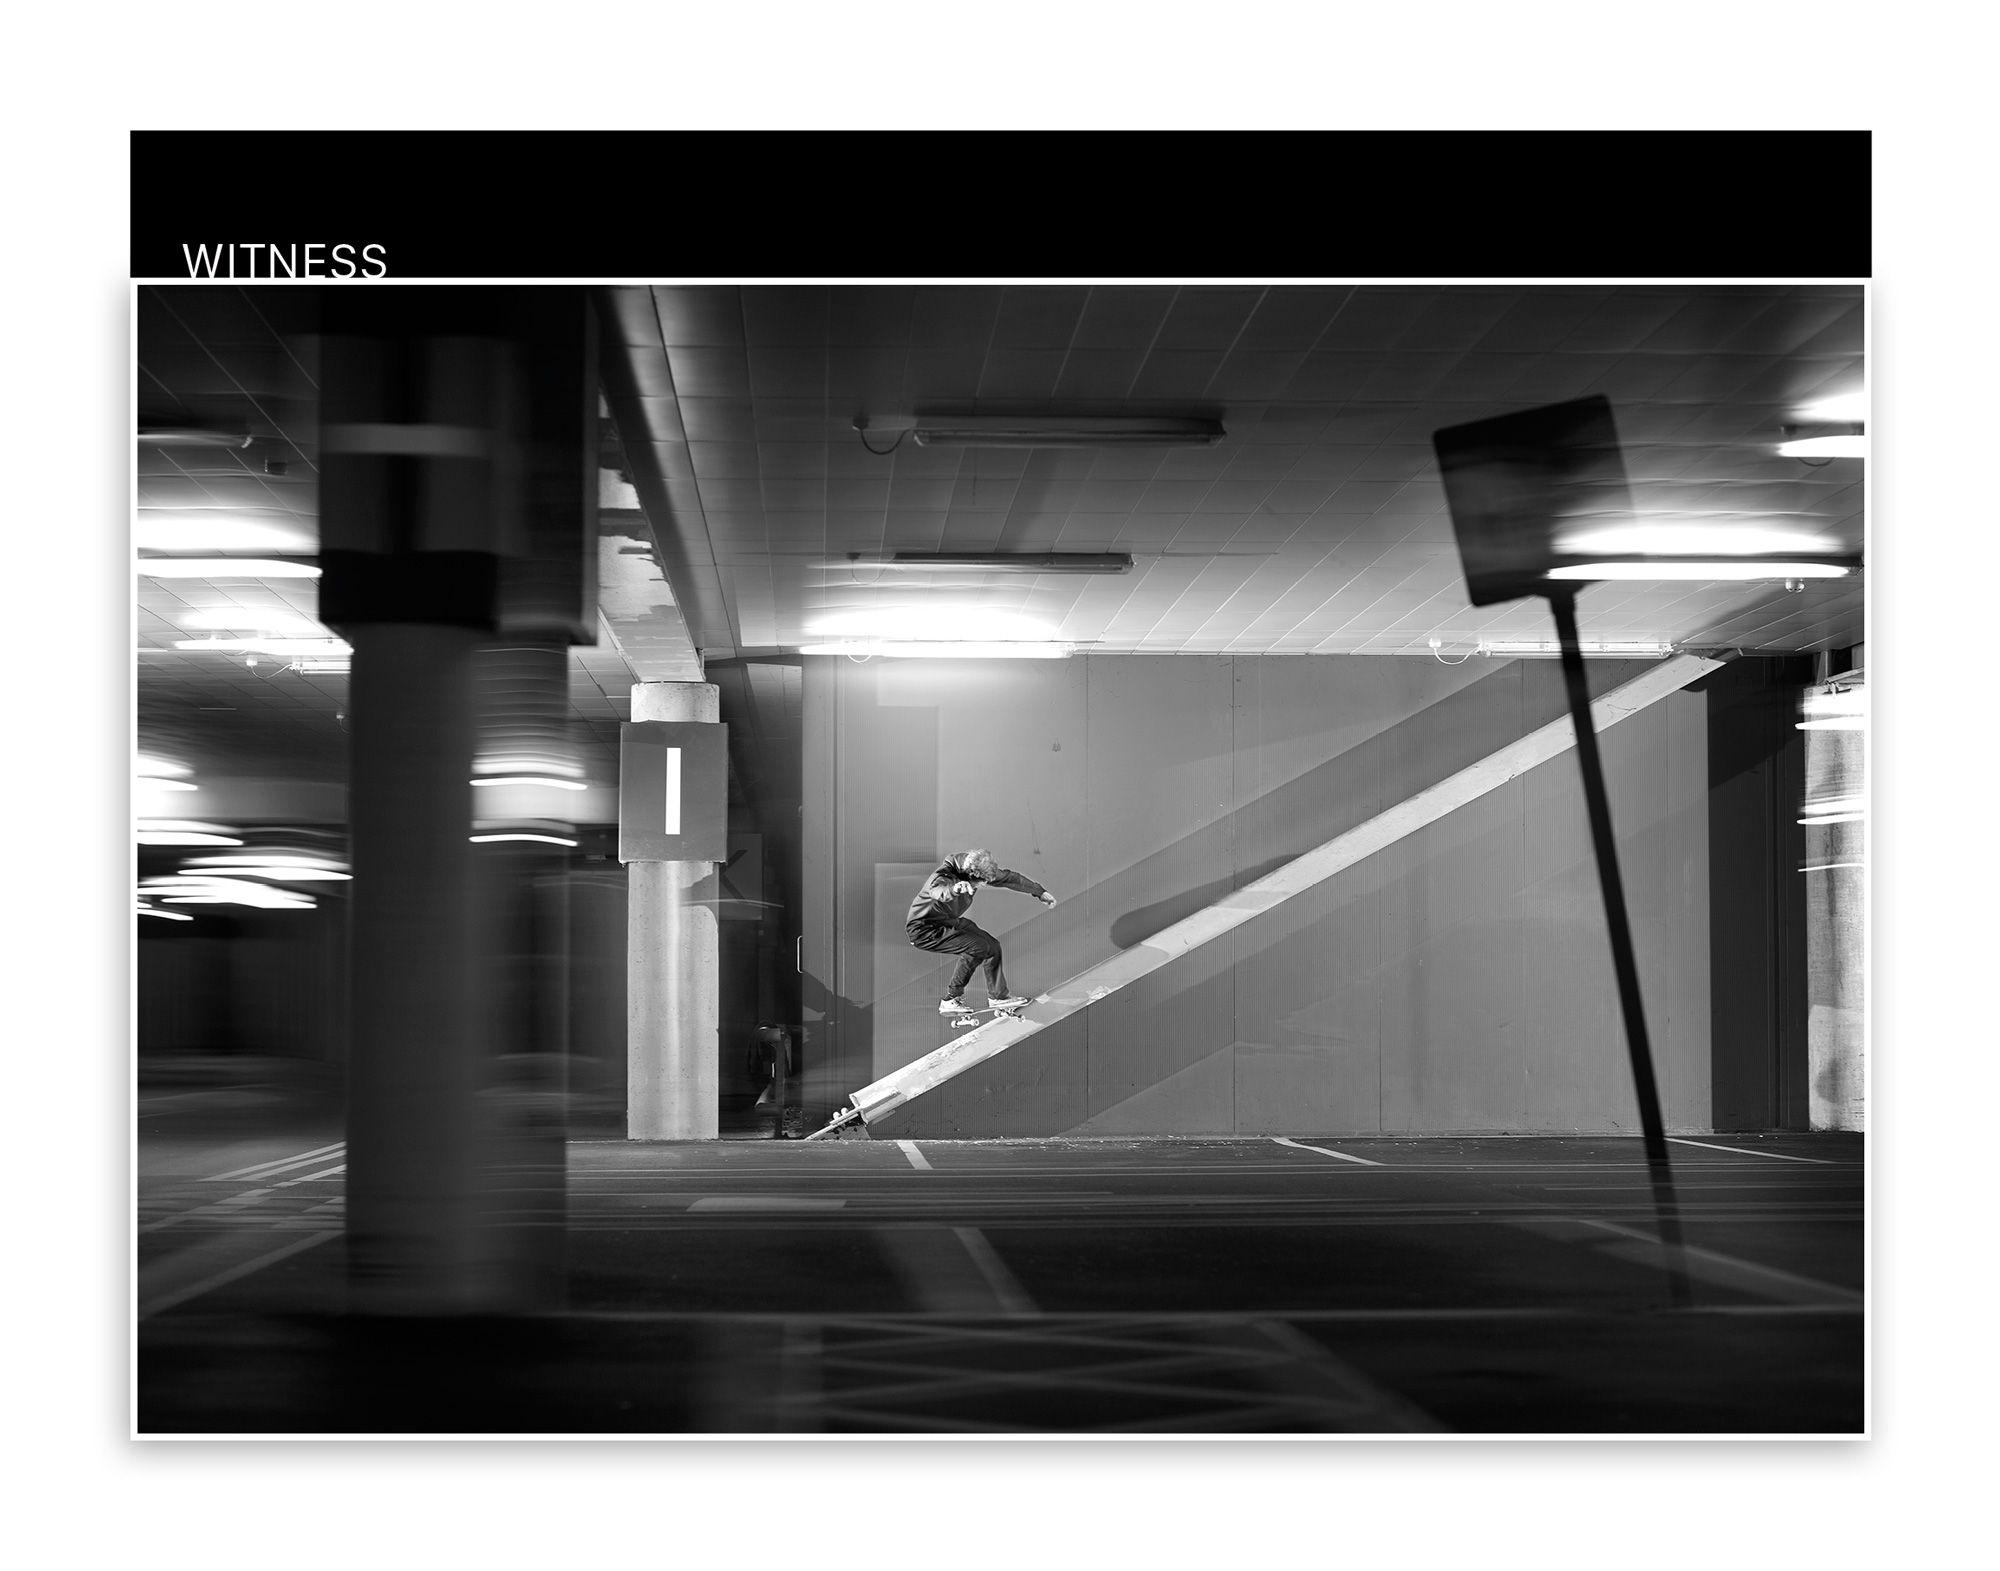 Witness 225 - Part one - Sidewalk Skateboarding